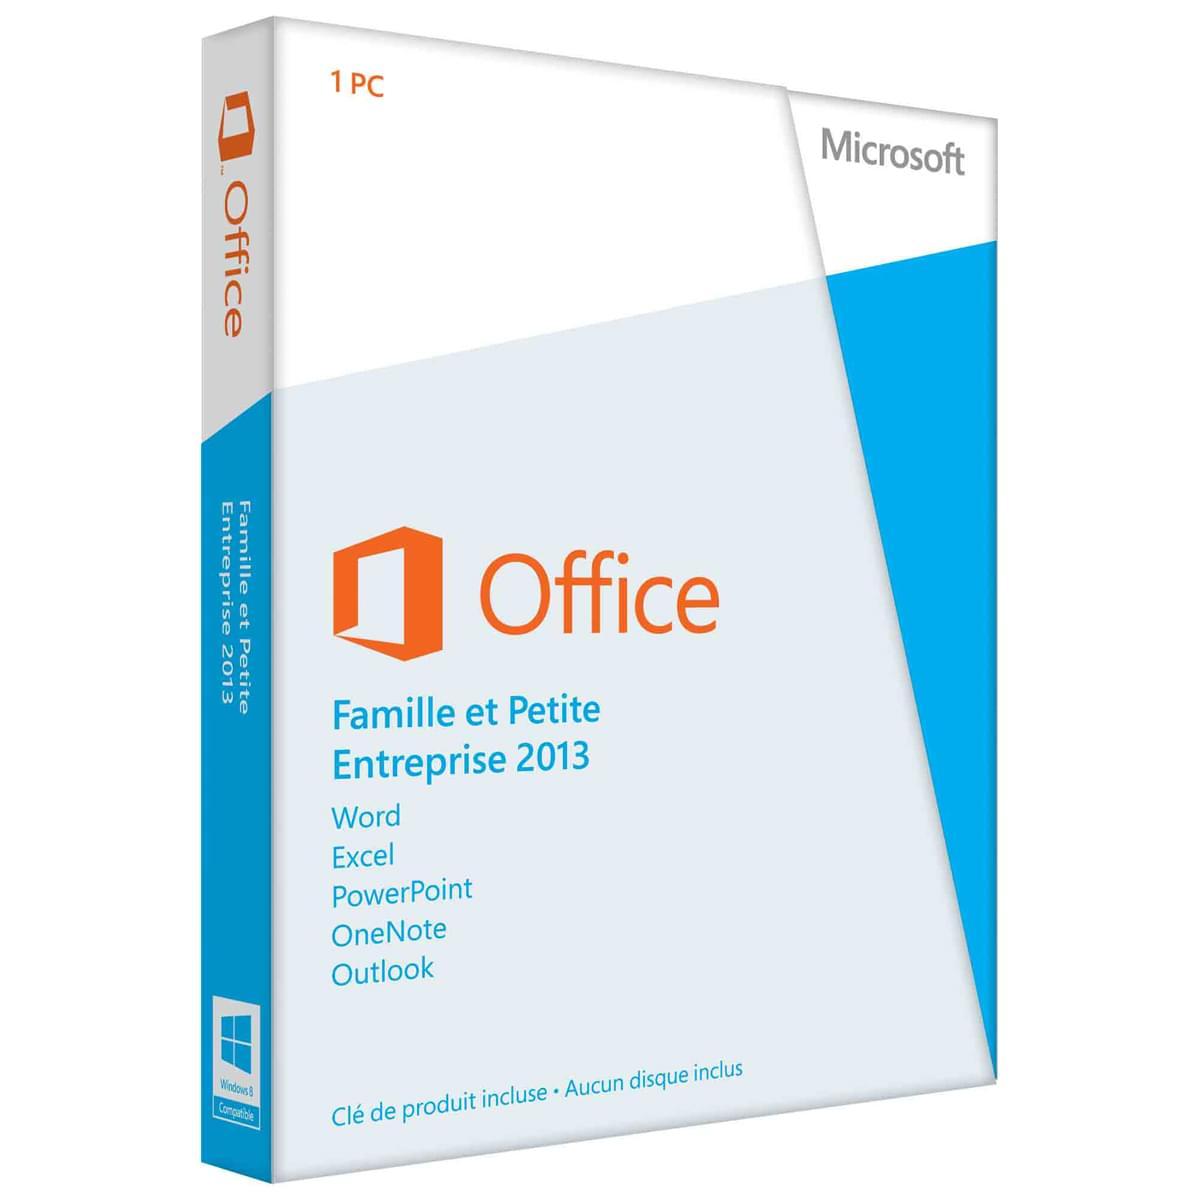 Microsoft Office Famille/Petite Entreprise 2013 OEM Cybertek (25191 / T5D-01936 / Cybertek) - Achat / Vente Logiciel Suite bureautique sur Cybertek.fr - 0